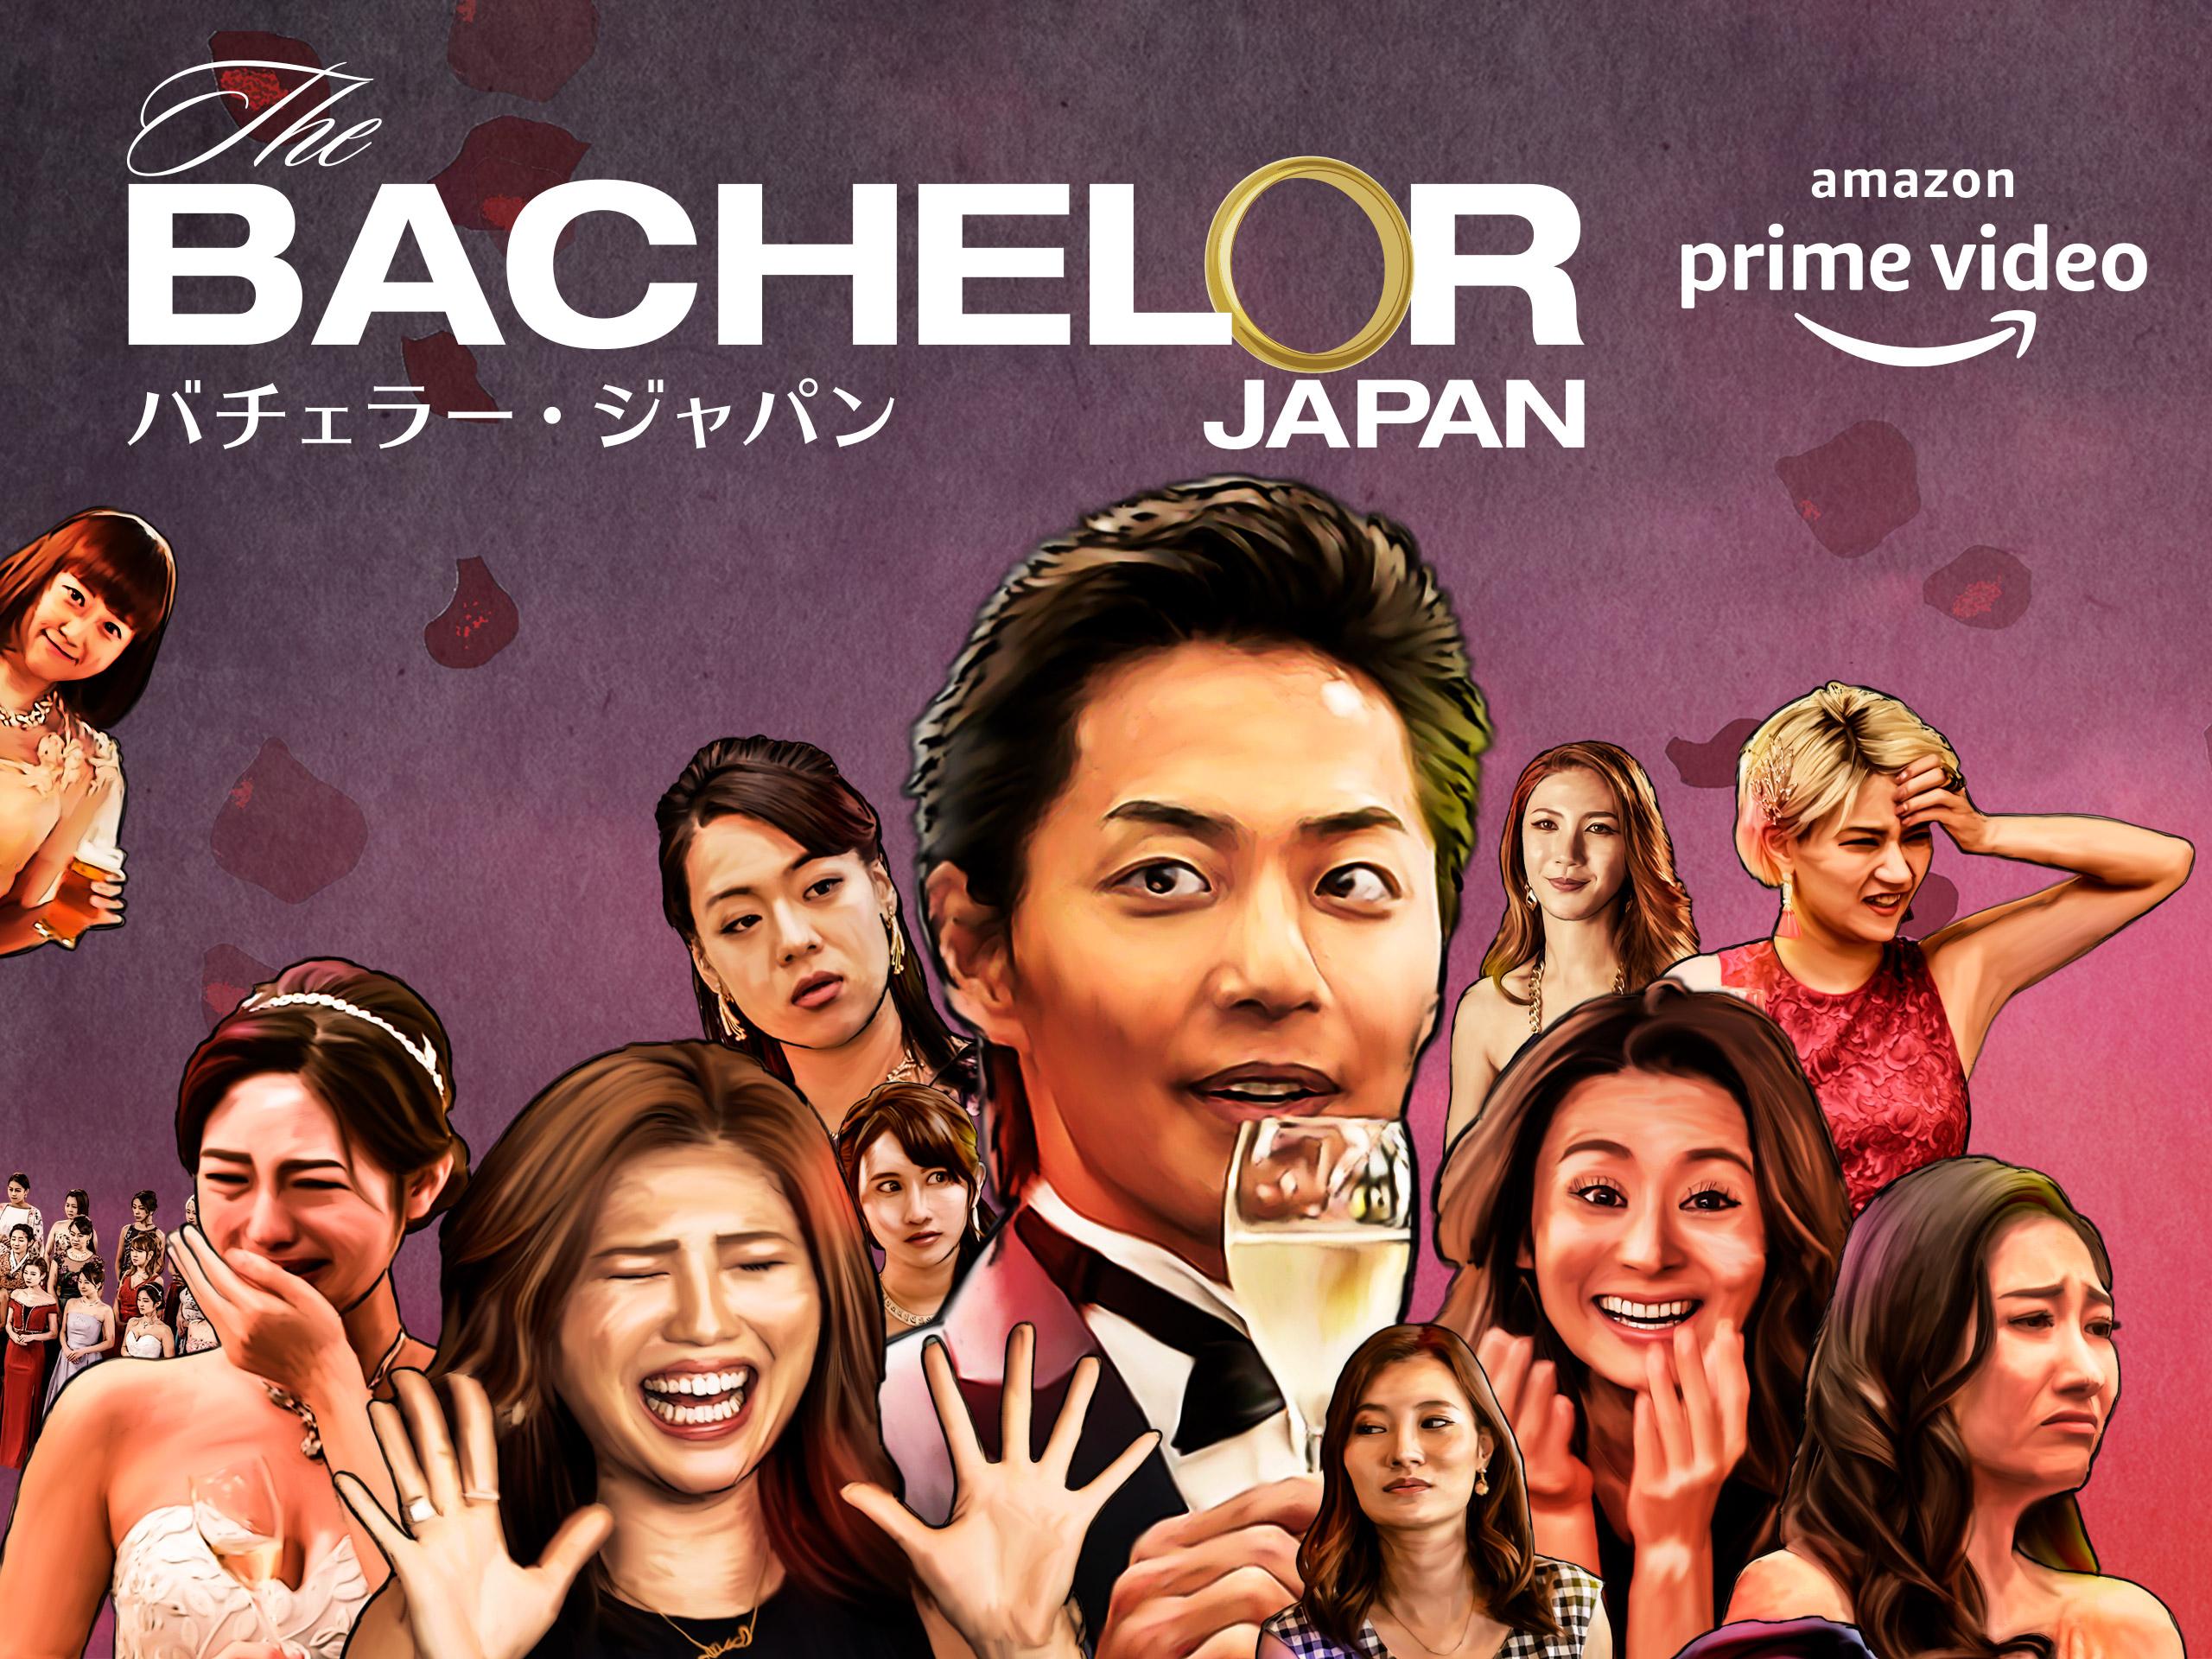 『バチェラー・ジャパン』シーズン3、新メインビジュアル